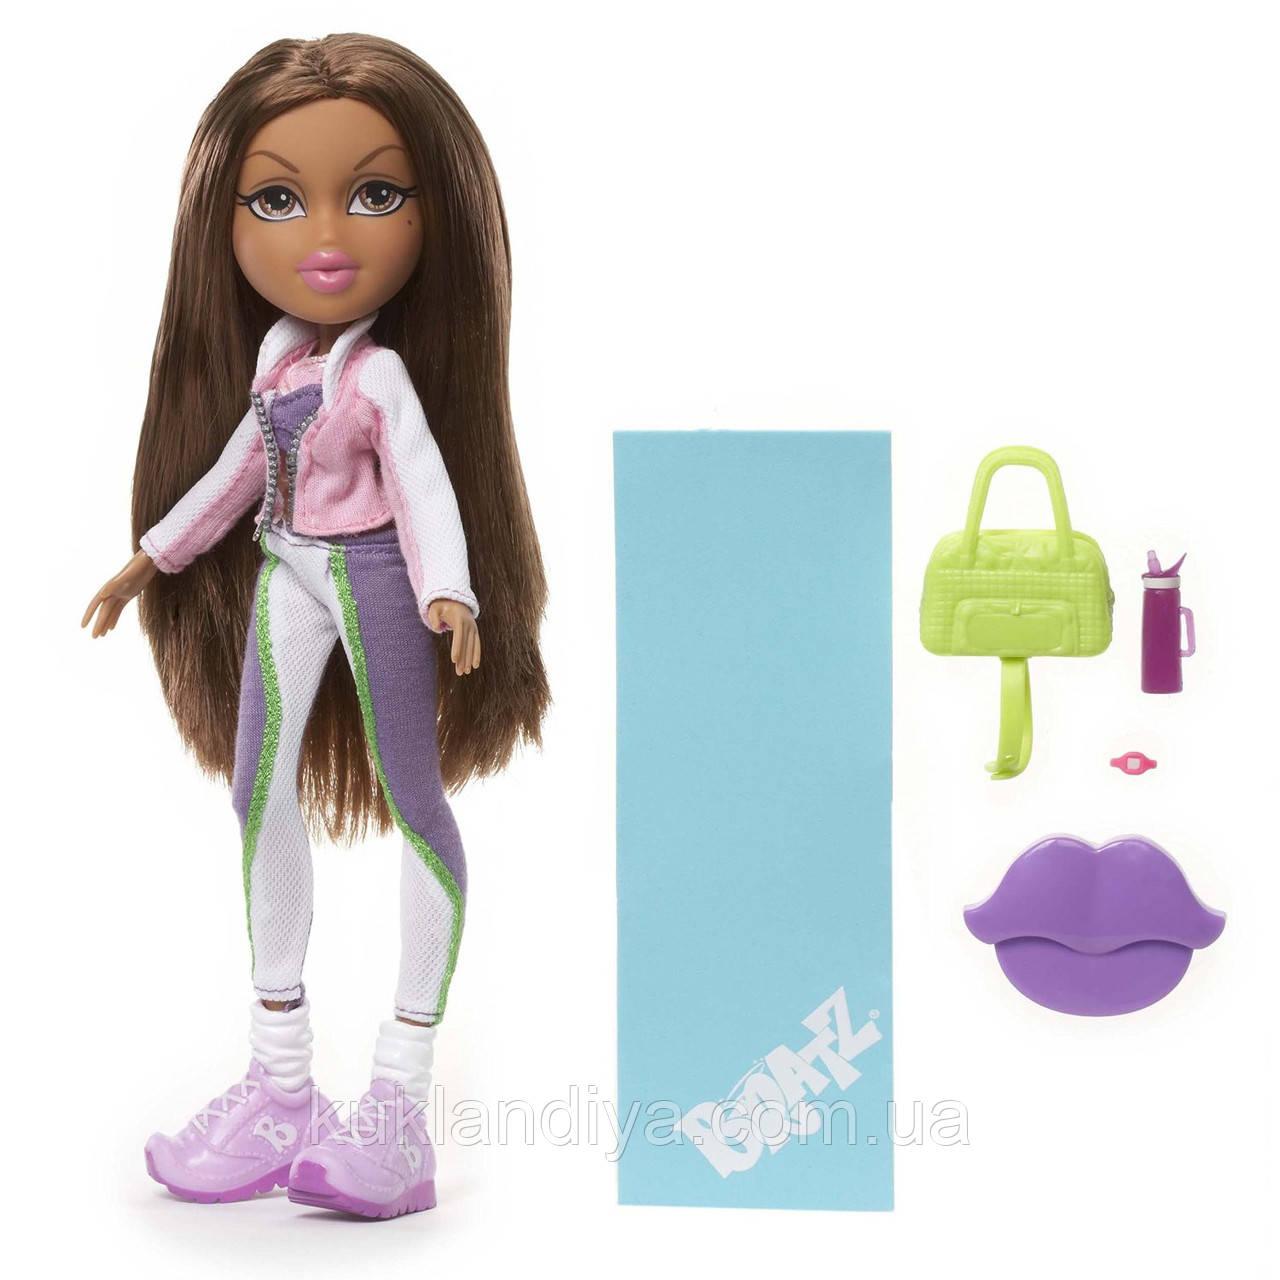 Кукла Bratz Жасмин фитнес